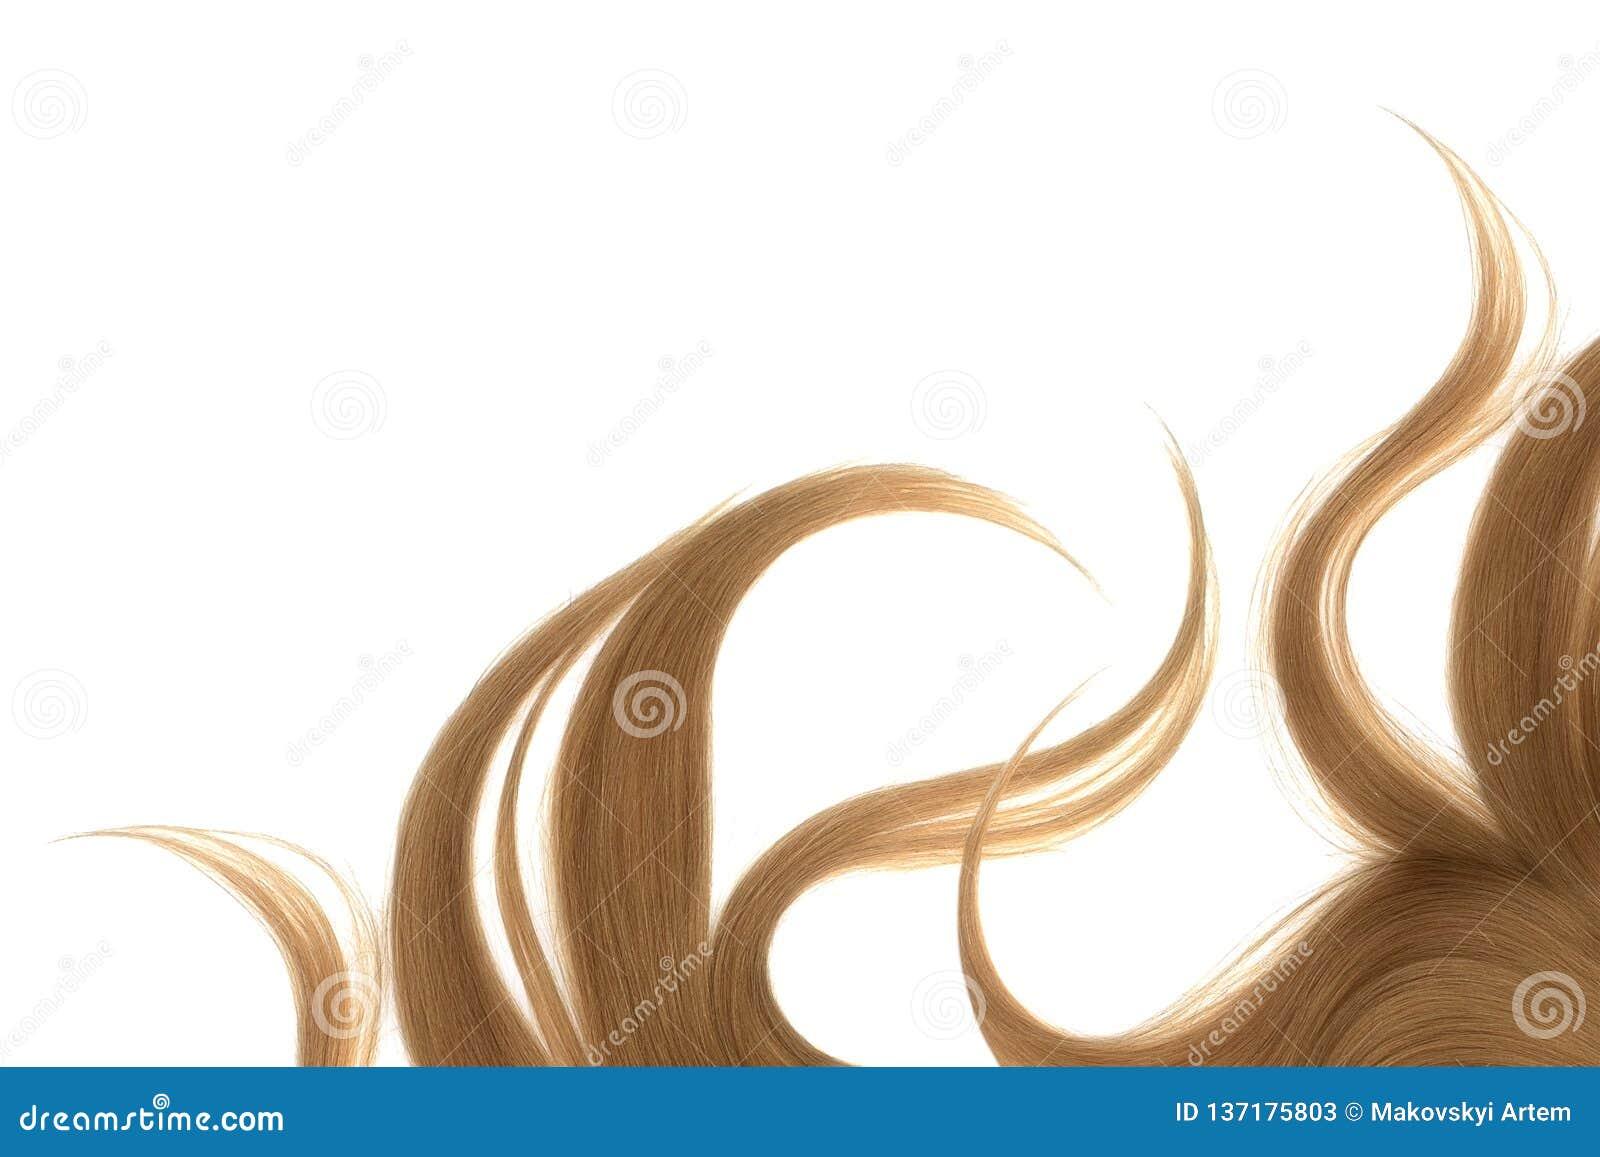 Cabelo marrom bagunçado longo, isolado no fundo branco